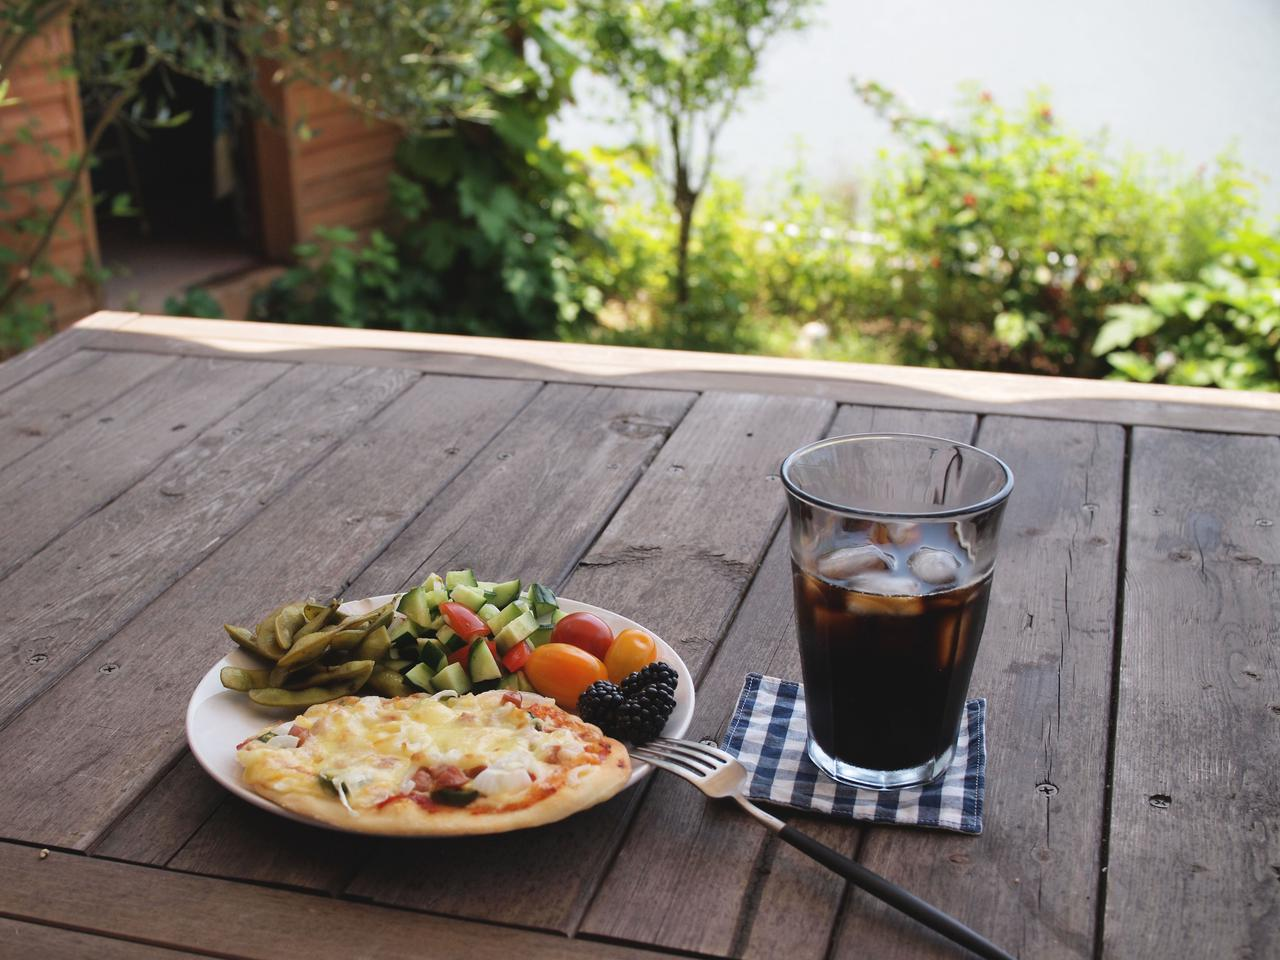 画像: 庭のテーブルでいただきます。チーズはたっぷりと